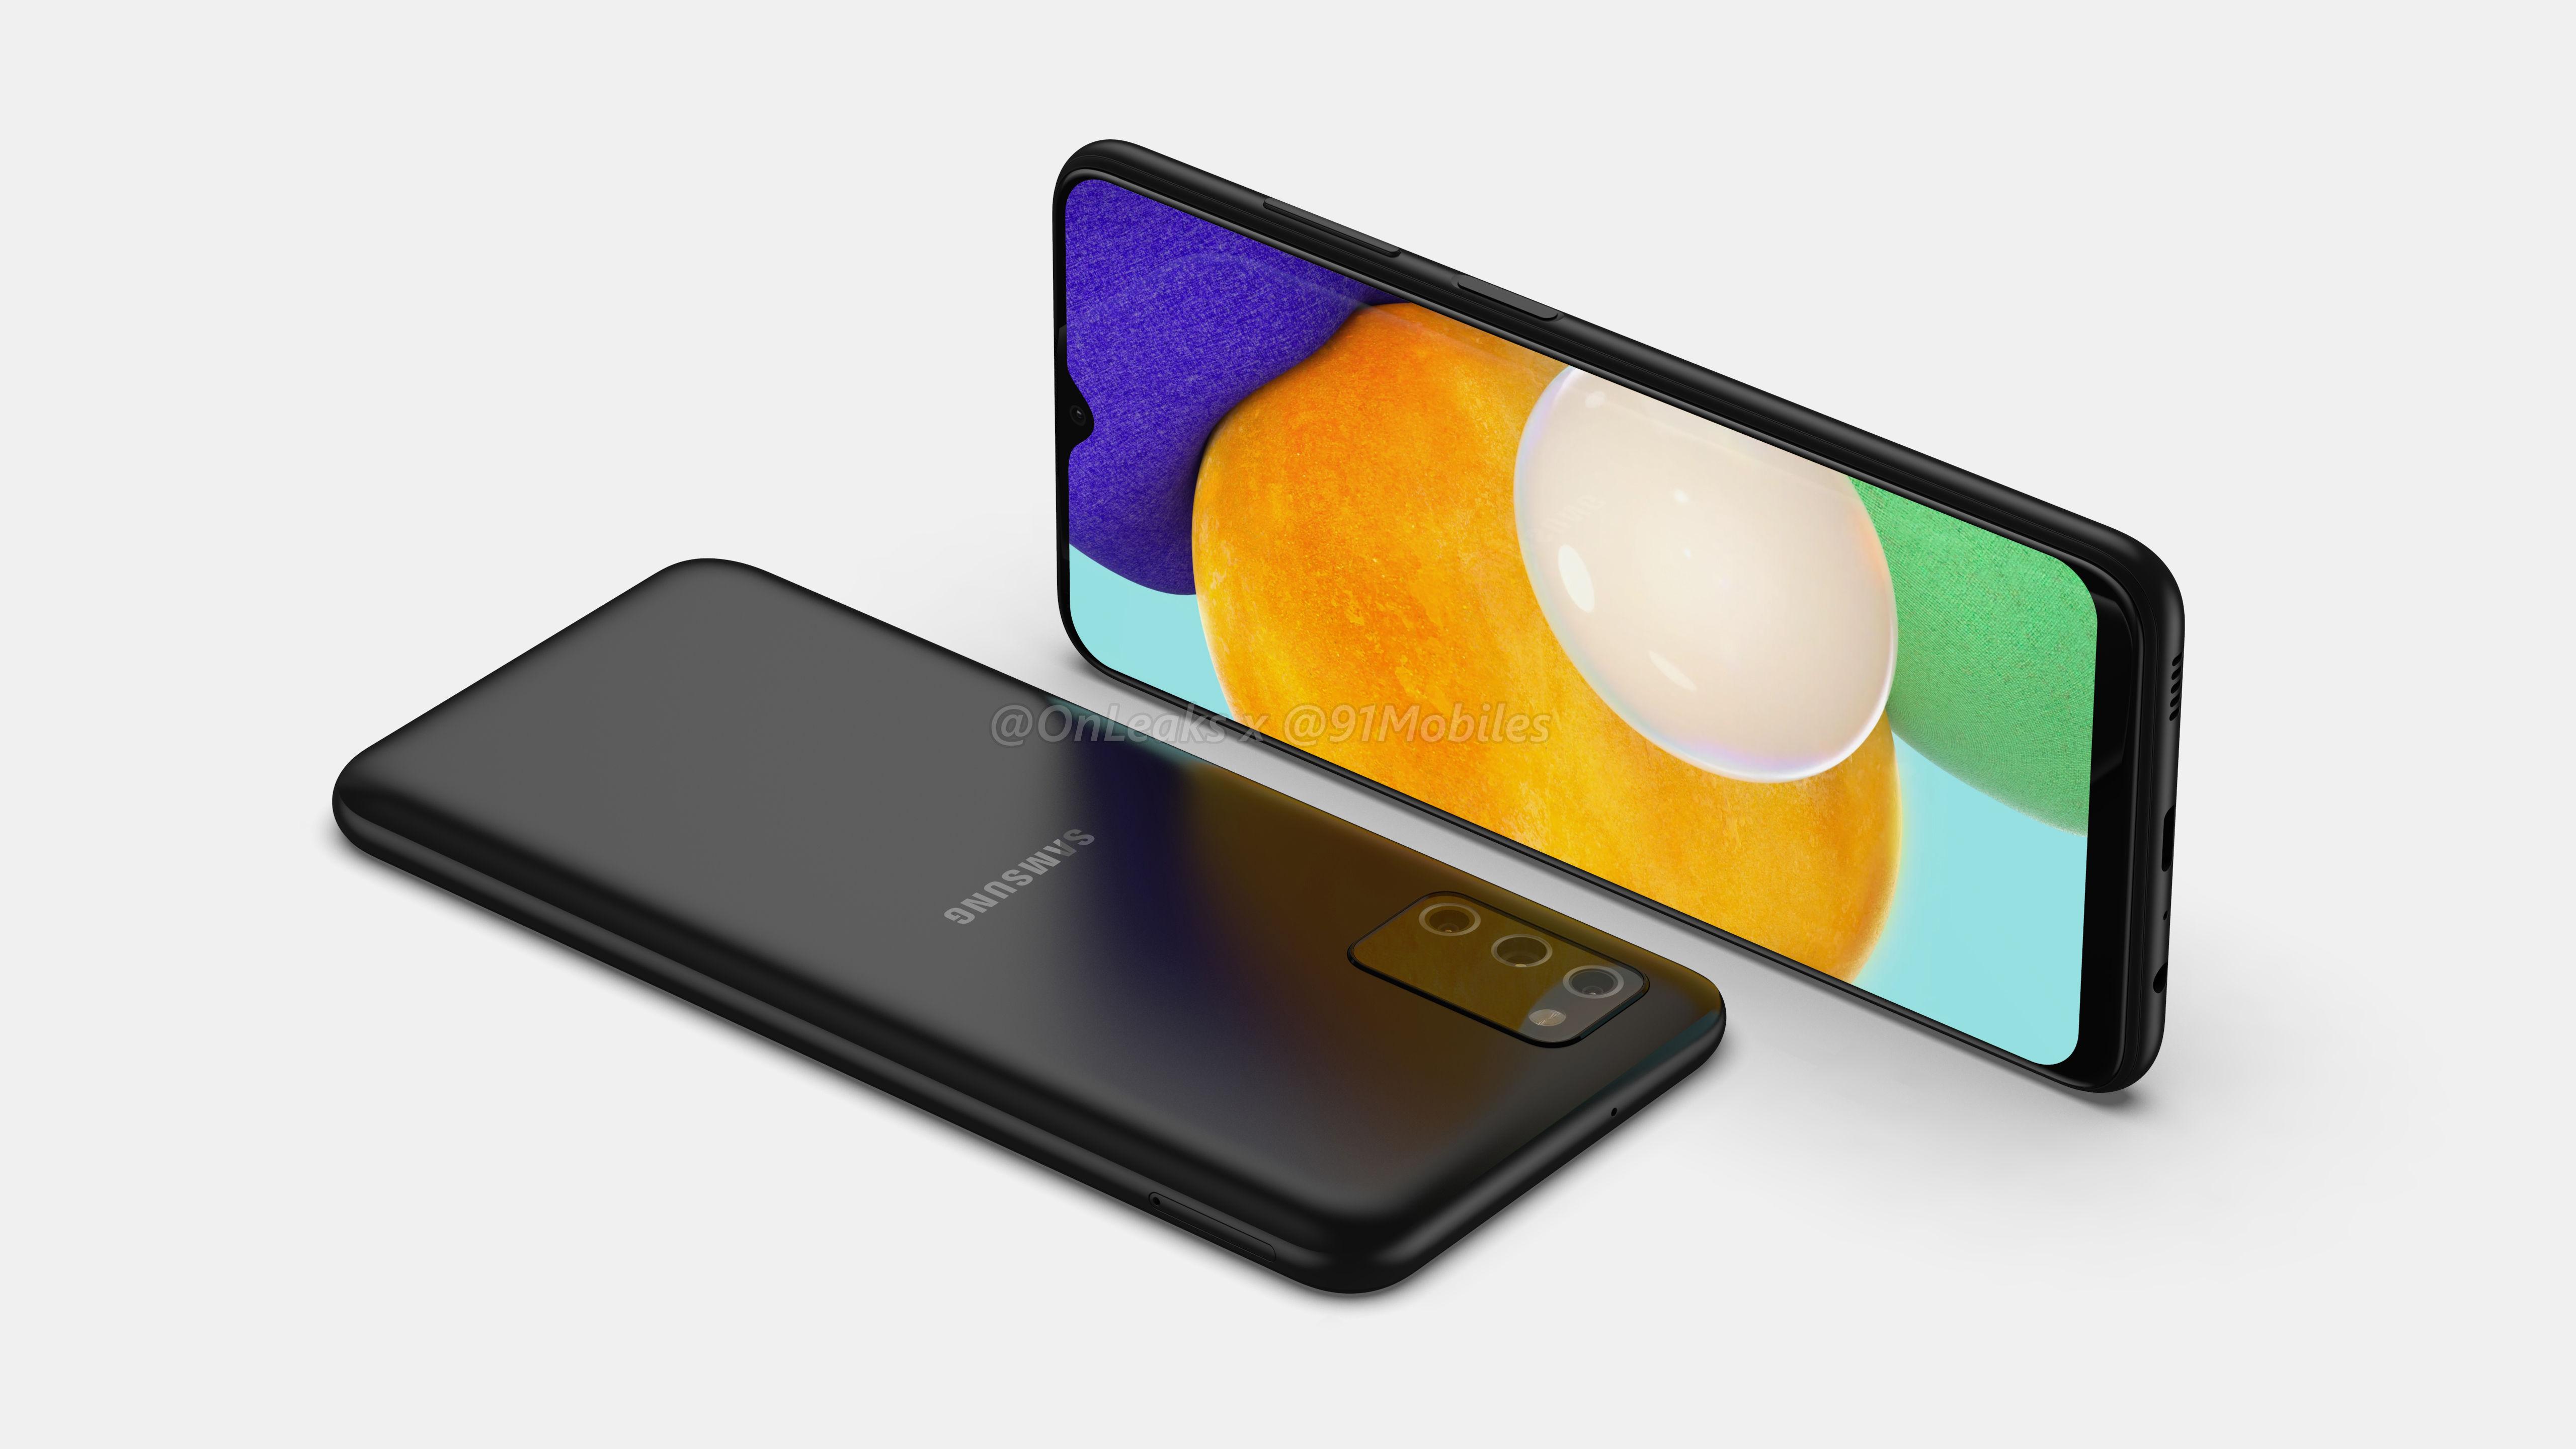 Samsung работает над бюджетником Galaxy A03s: в сеть утекли его рендеры и некоторые характеристики